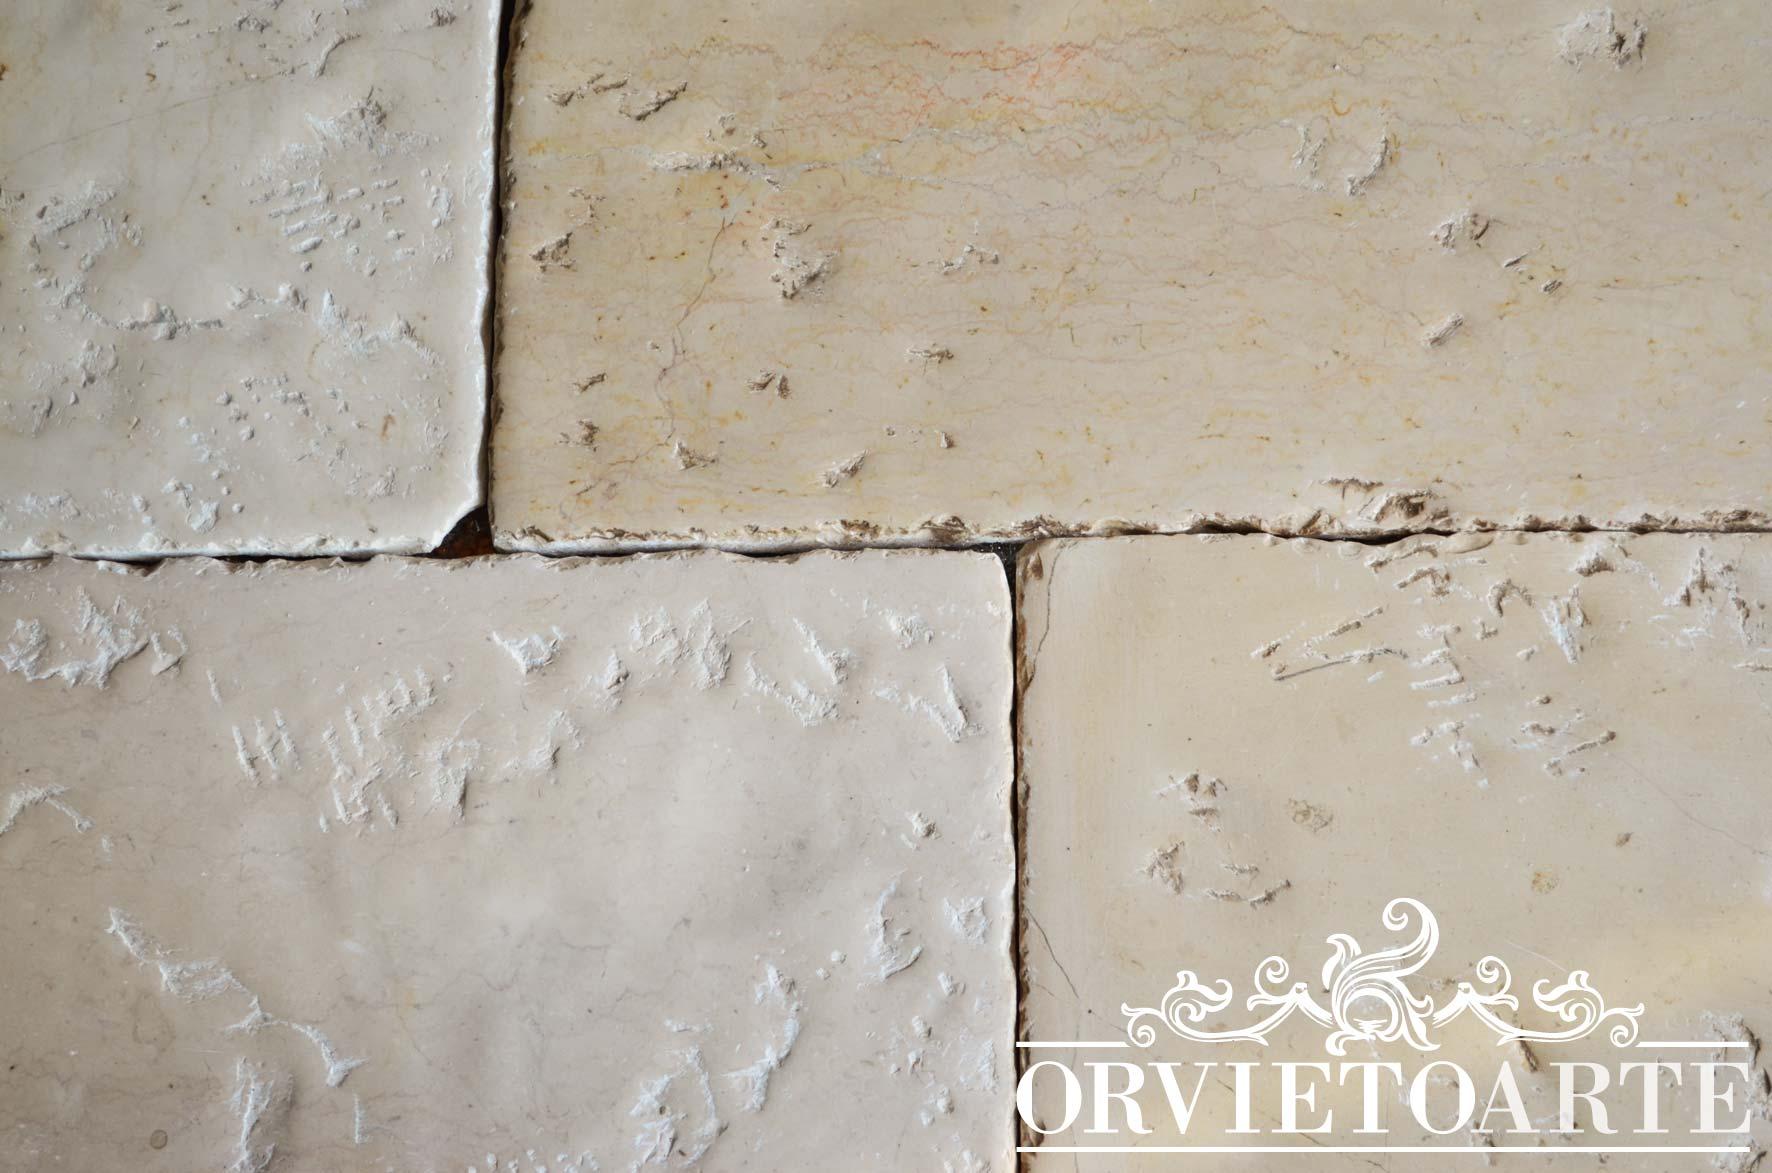 Pavimento In Pietra Di Trani : Orvieto arte u pavimento in pietra di trani di antica fattura